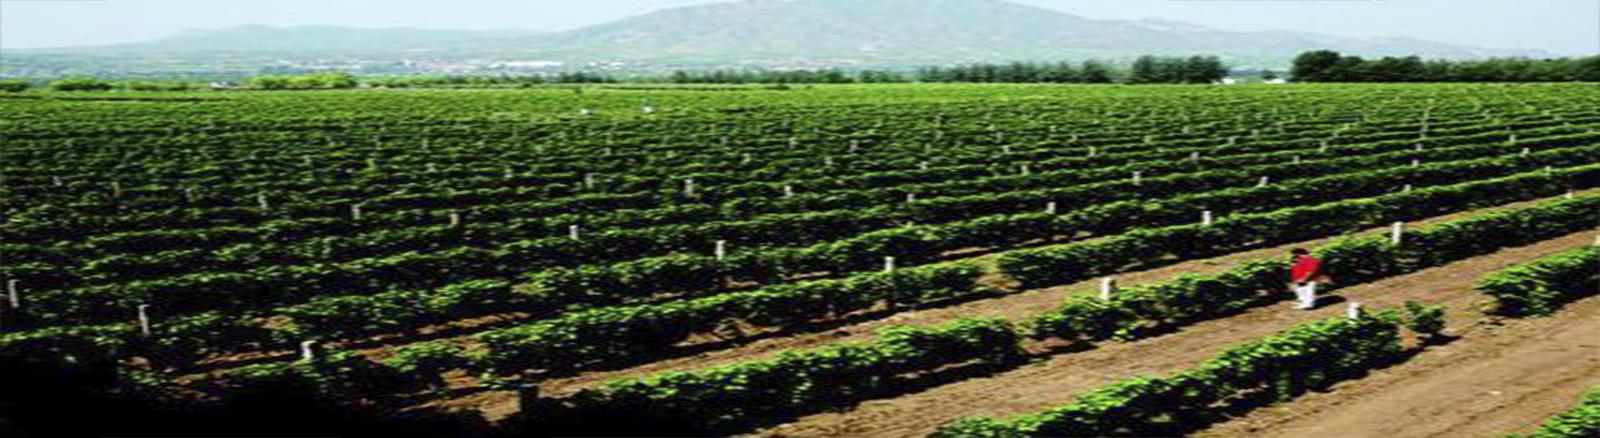 亞太公司葡萄種植基地